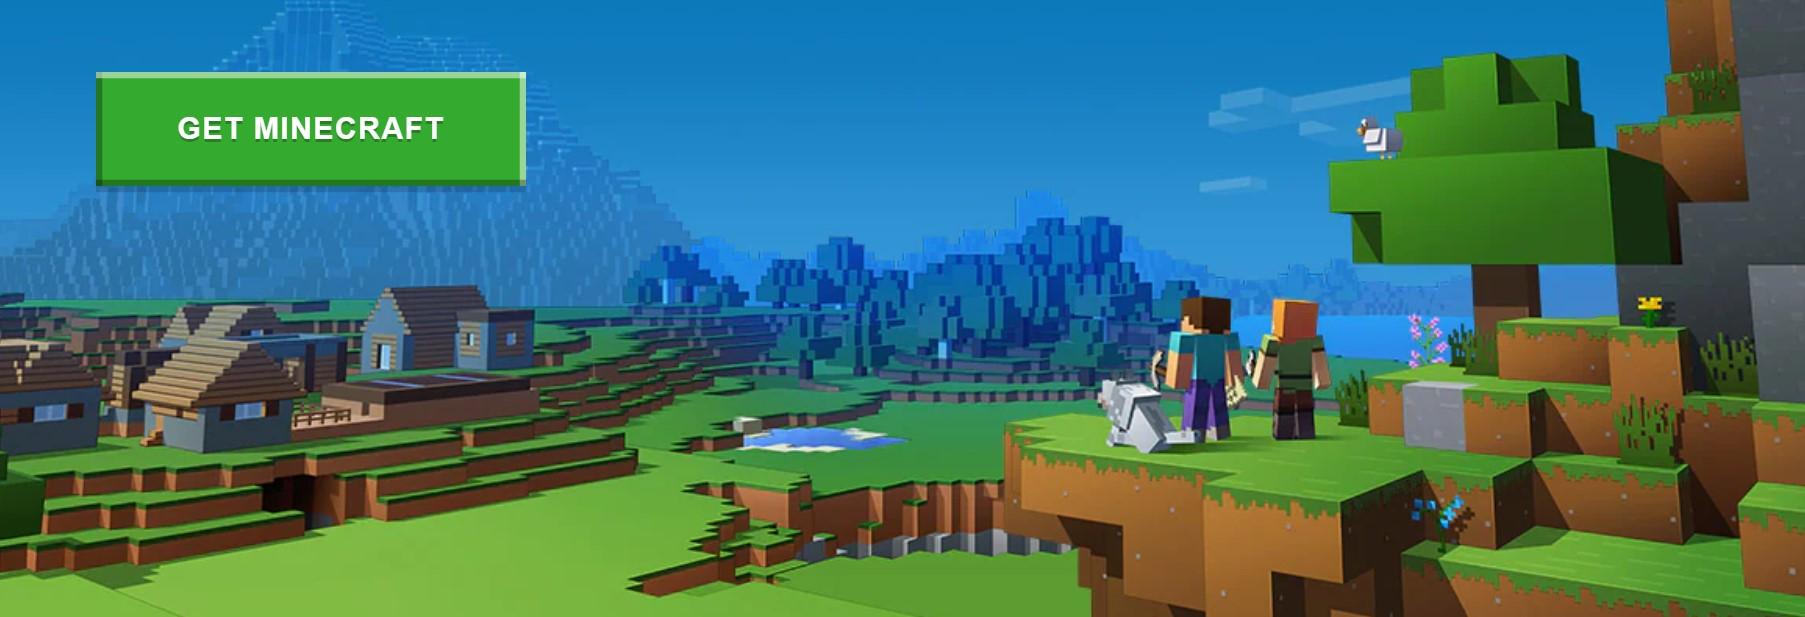 ماين كرافت الأصلية آخر إصدار 2021 للكمبيوتر والجوال تحديث 1.17 لعبة Minecraft